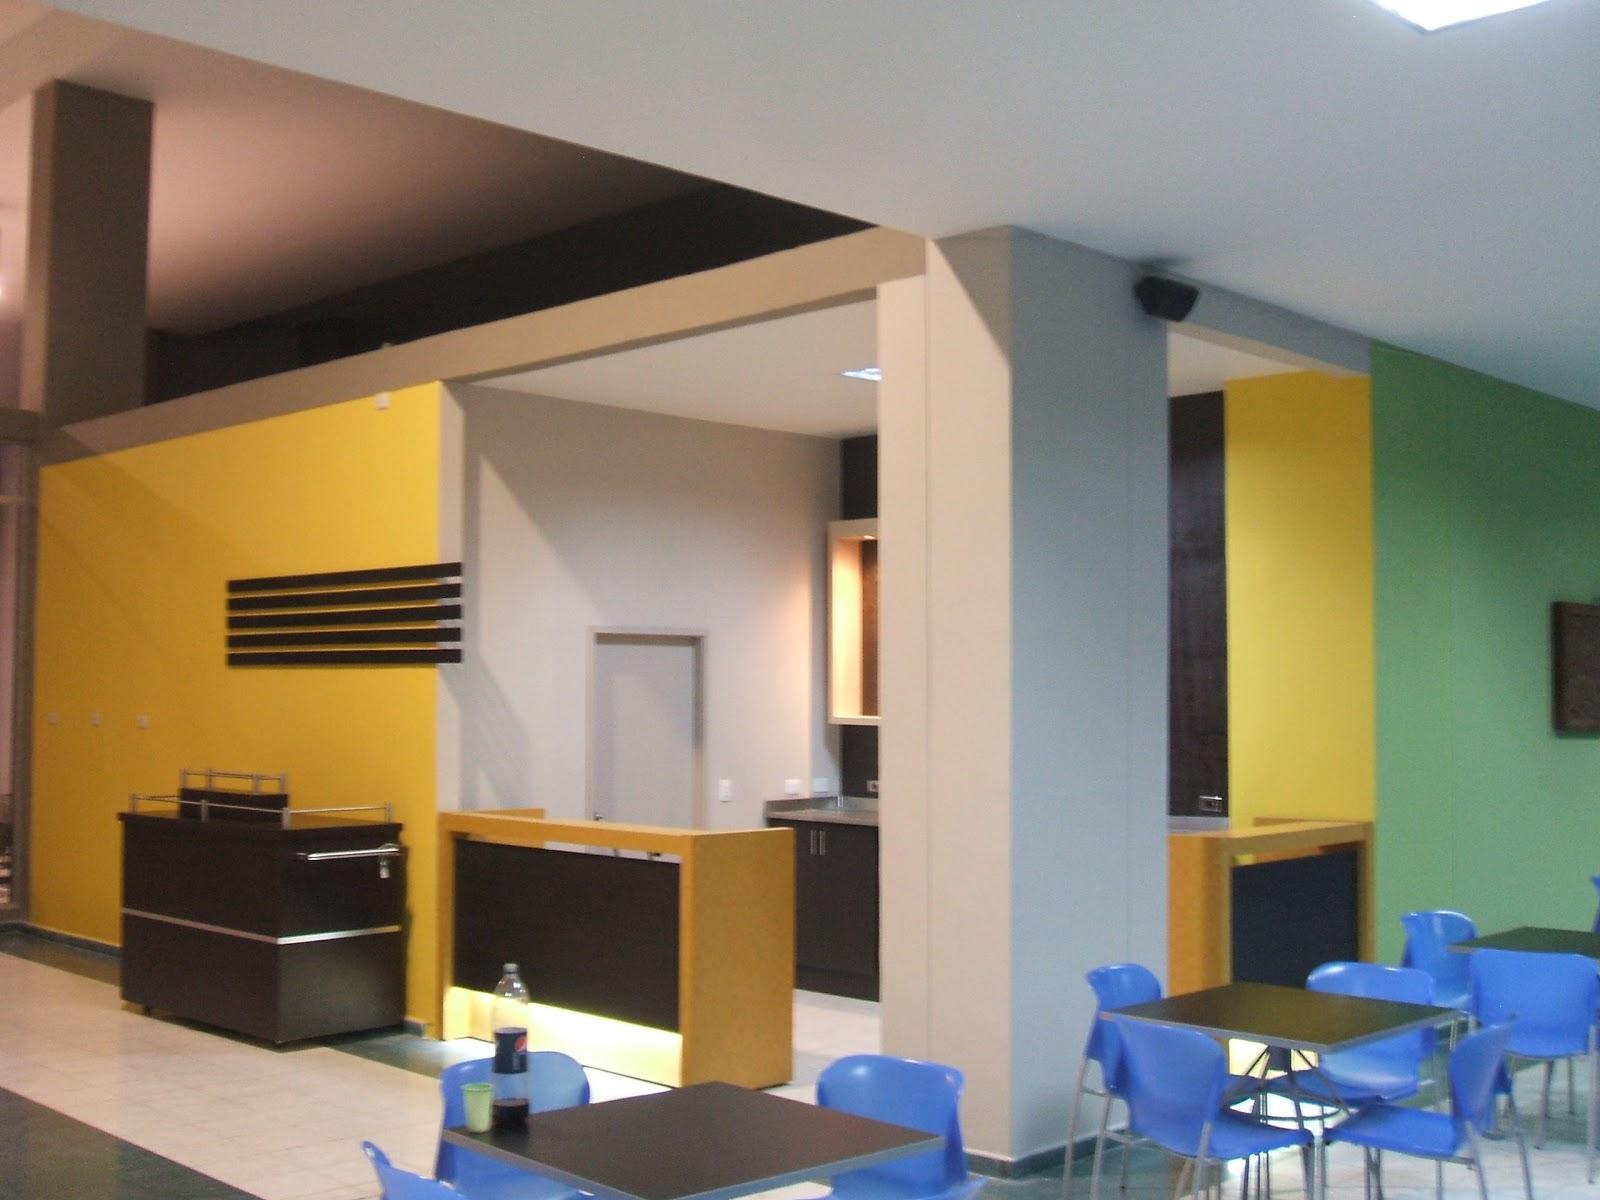 Muebles para locales comerciales noviembre 2012 - Muebles para centros comerciales ...